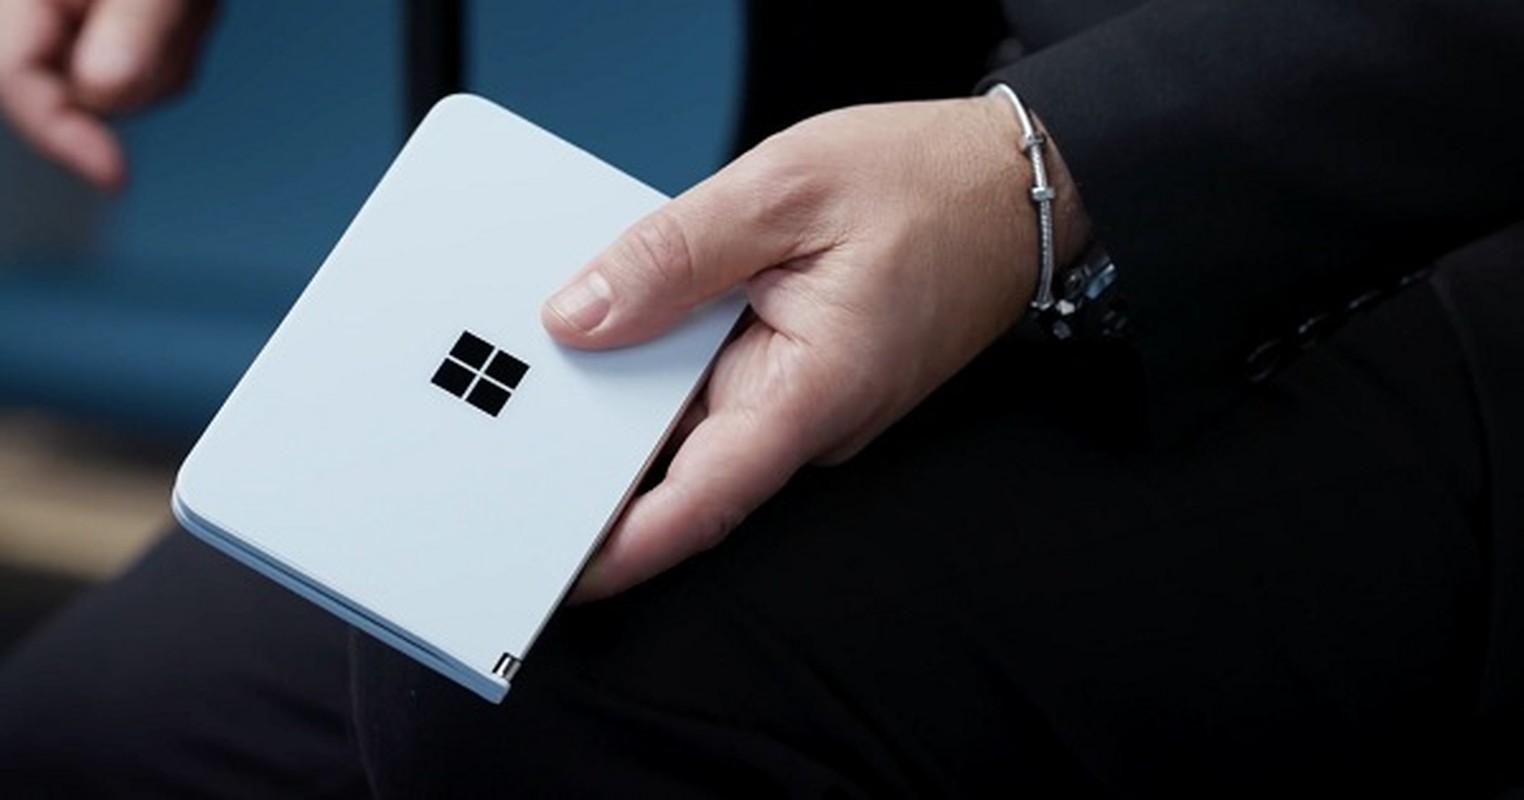 Ngam sieu pham smartphone man hinh kep cua Microsoft sap len ke-Hinh-5